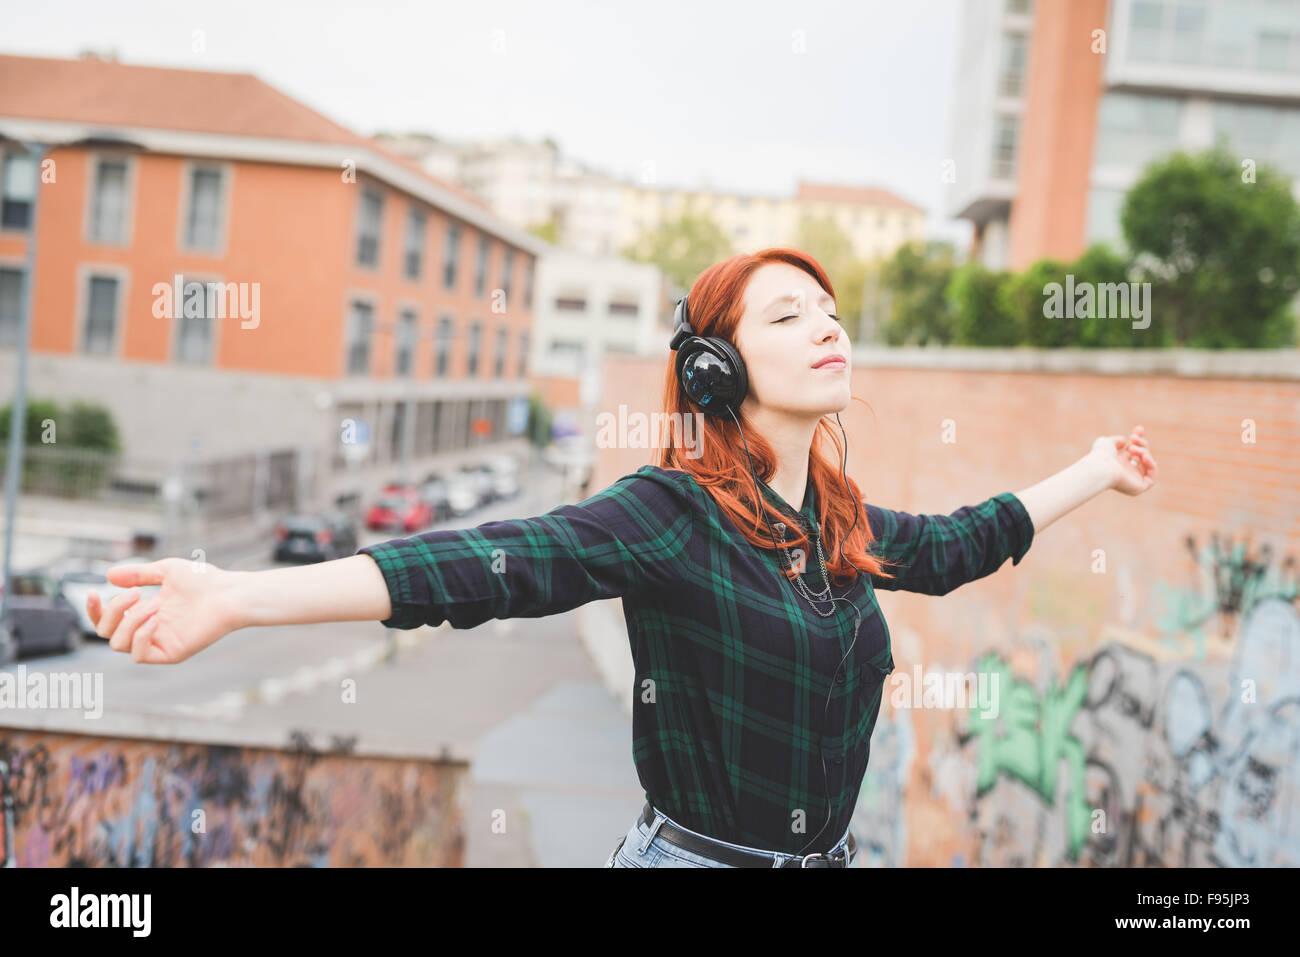 Halbe Länge der junge hübsche Rothaarige kaukasischen glattes Haar Frau Musik hören mit Kopfhörern, Stockbild